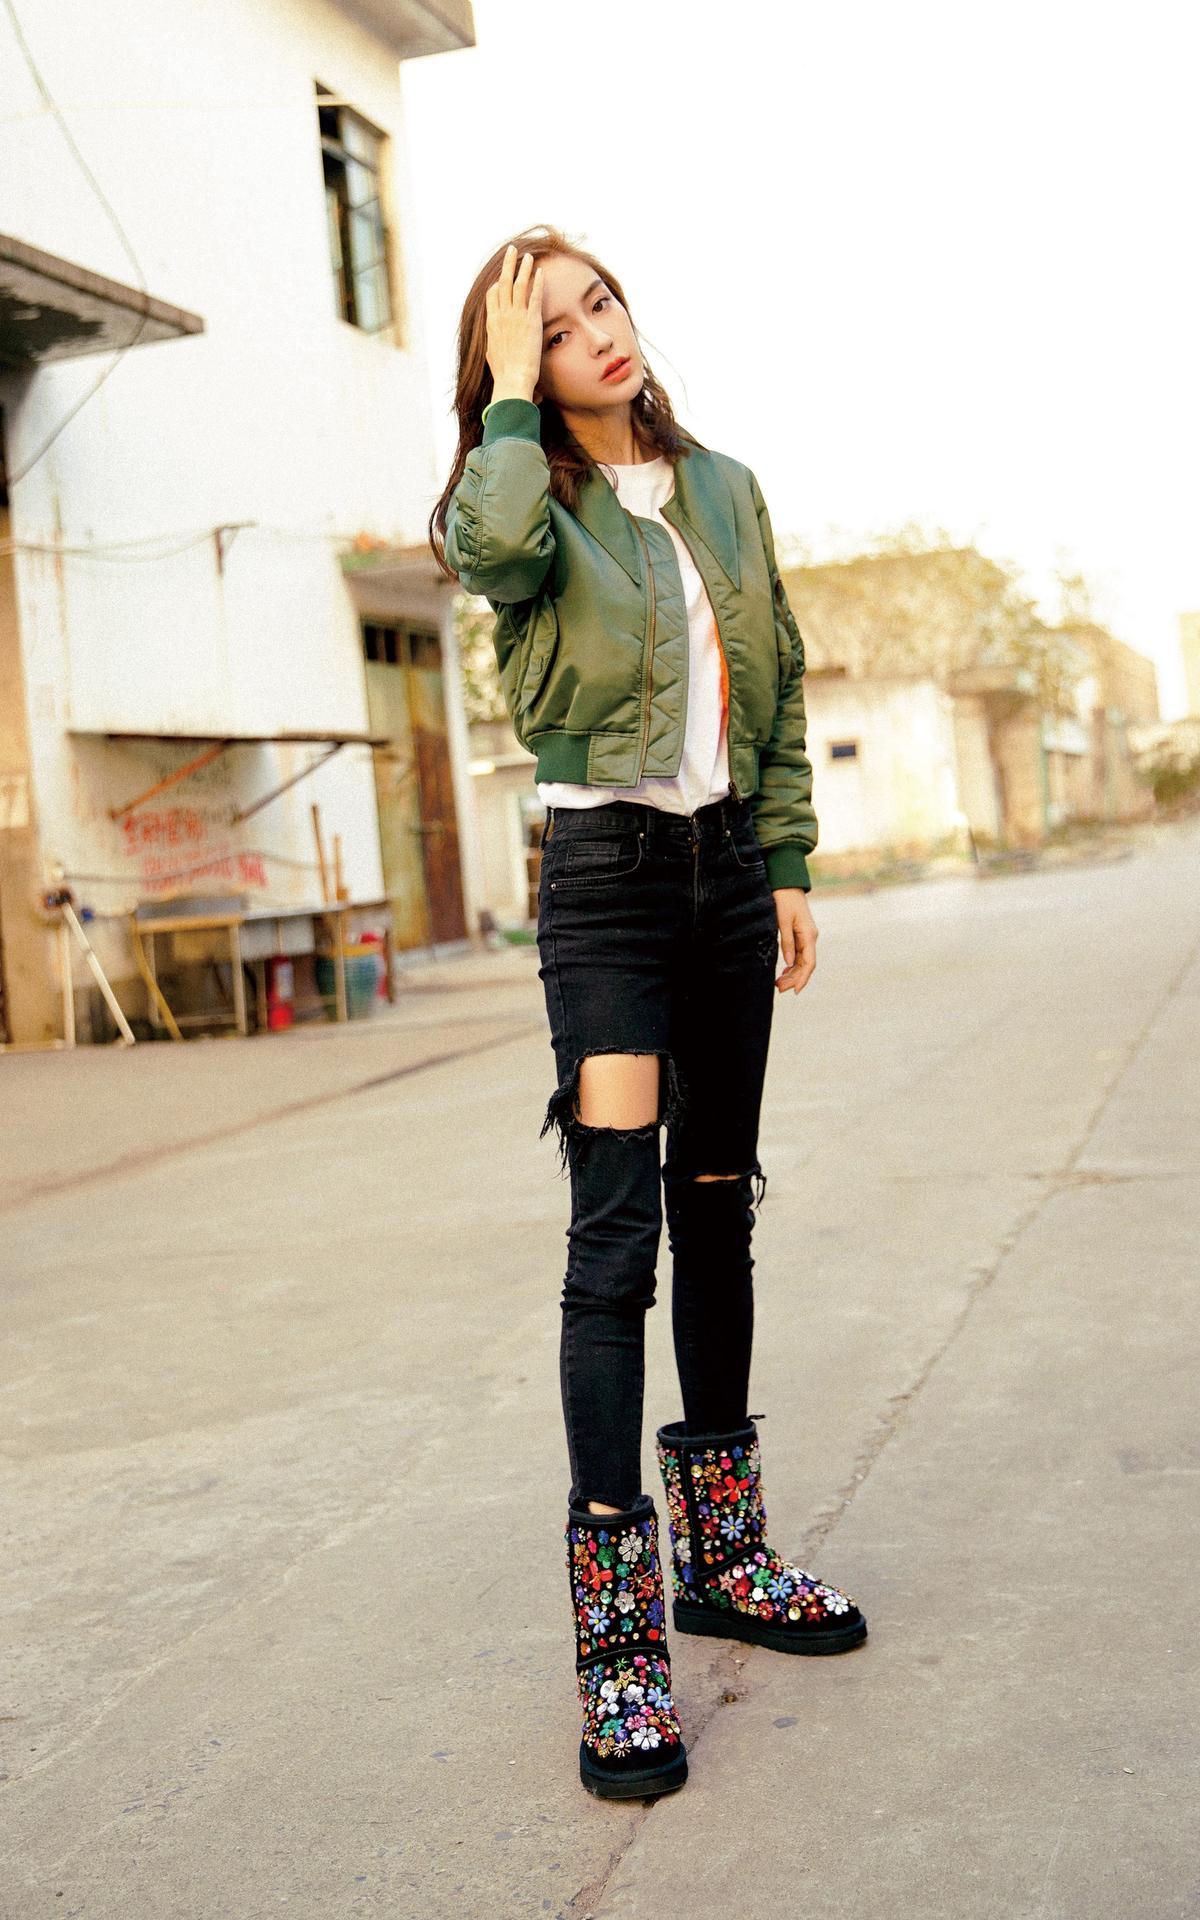 Angelababy,簡單的白T,搭上破褲、花花的高彩度毛靴、軍綠色的夾克,就是好出色。聰明的她全身都是不花俏的素色,因此能夠凸顯每一樣有型單品。